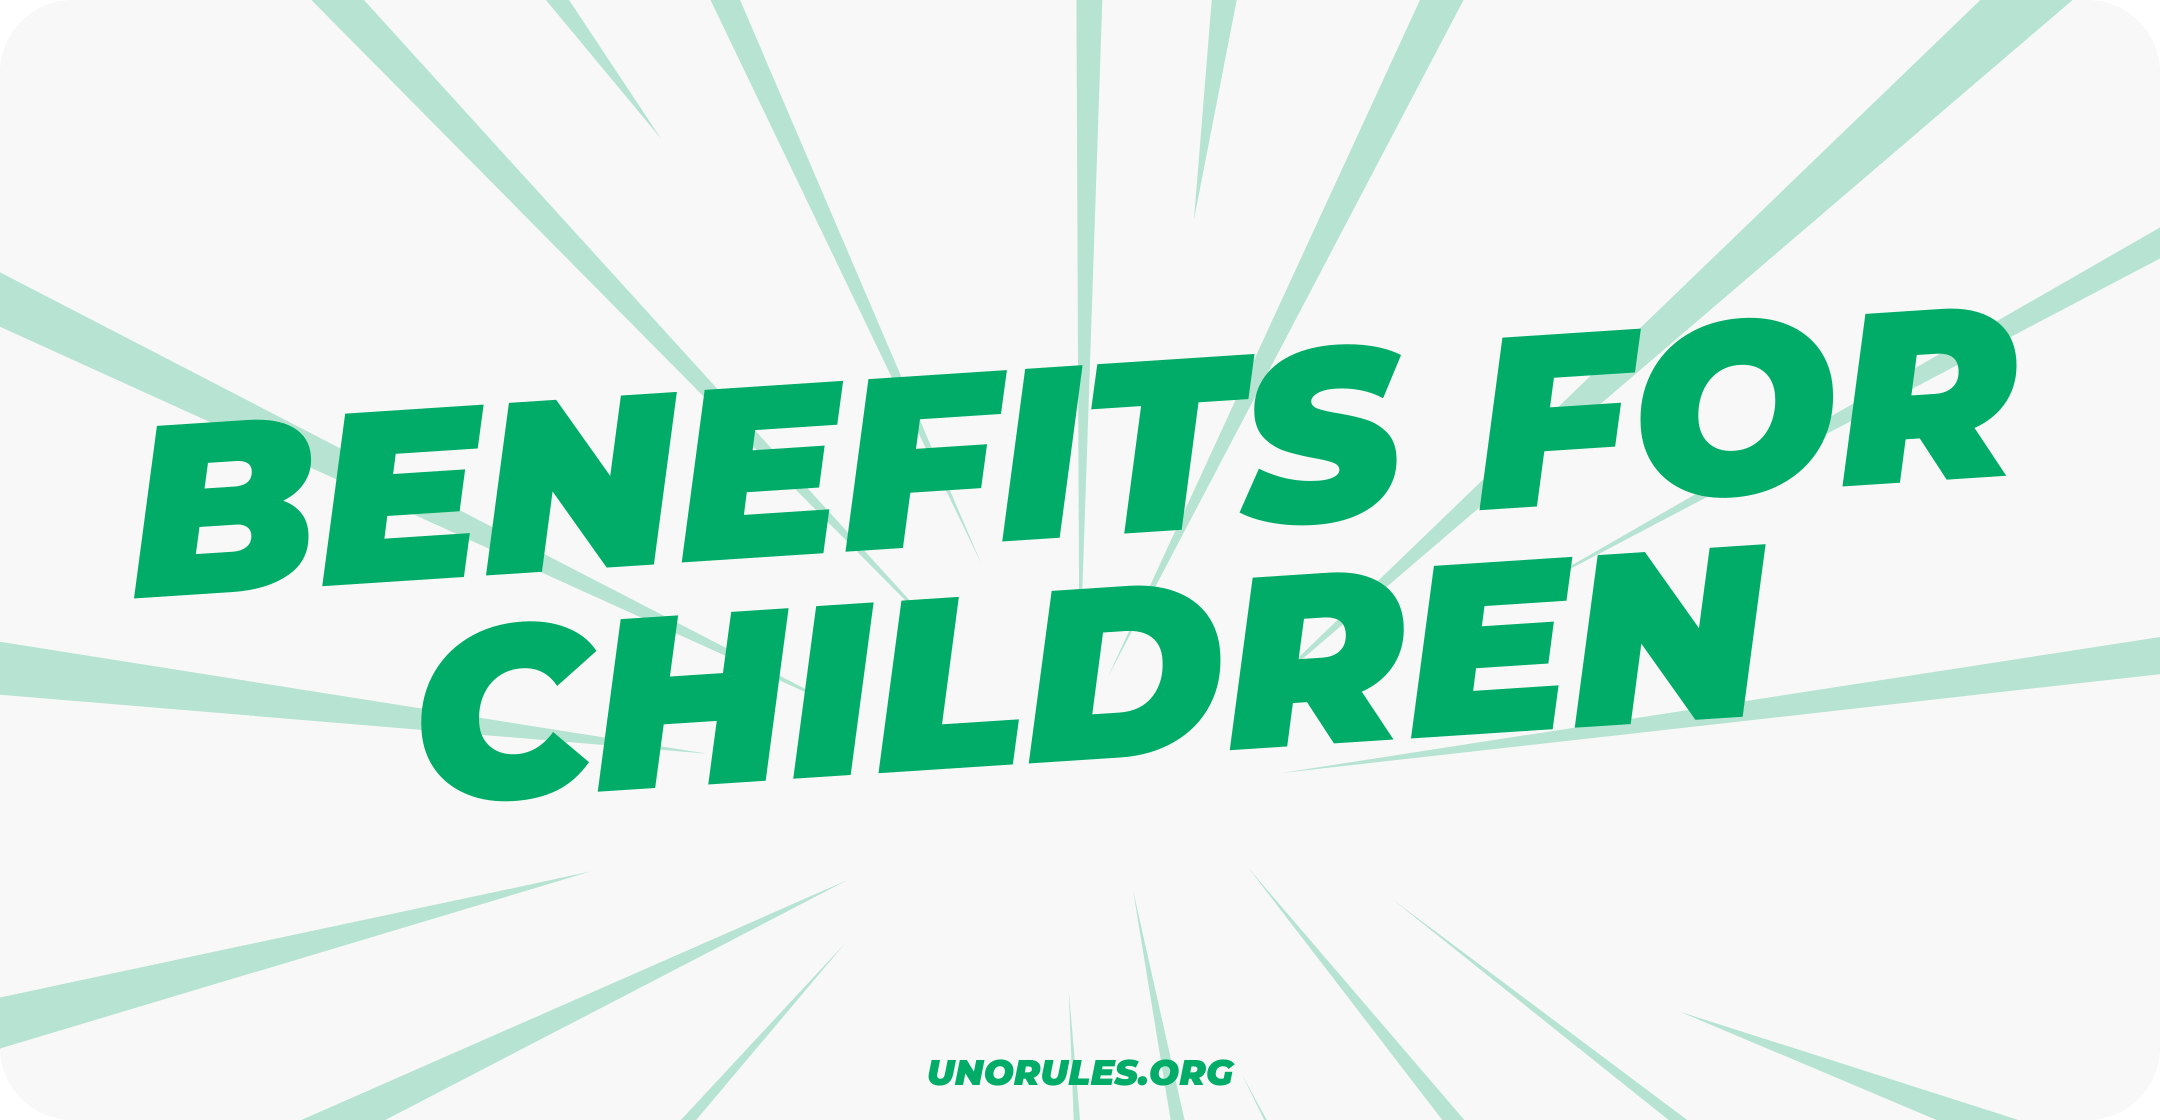 Benefits for children